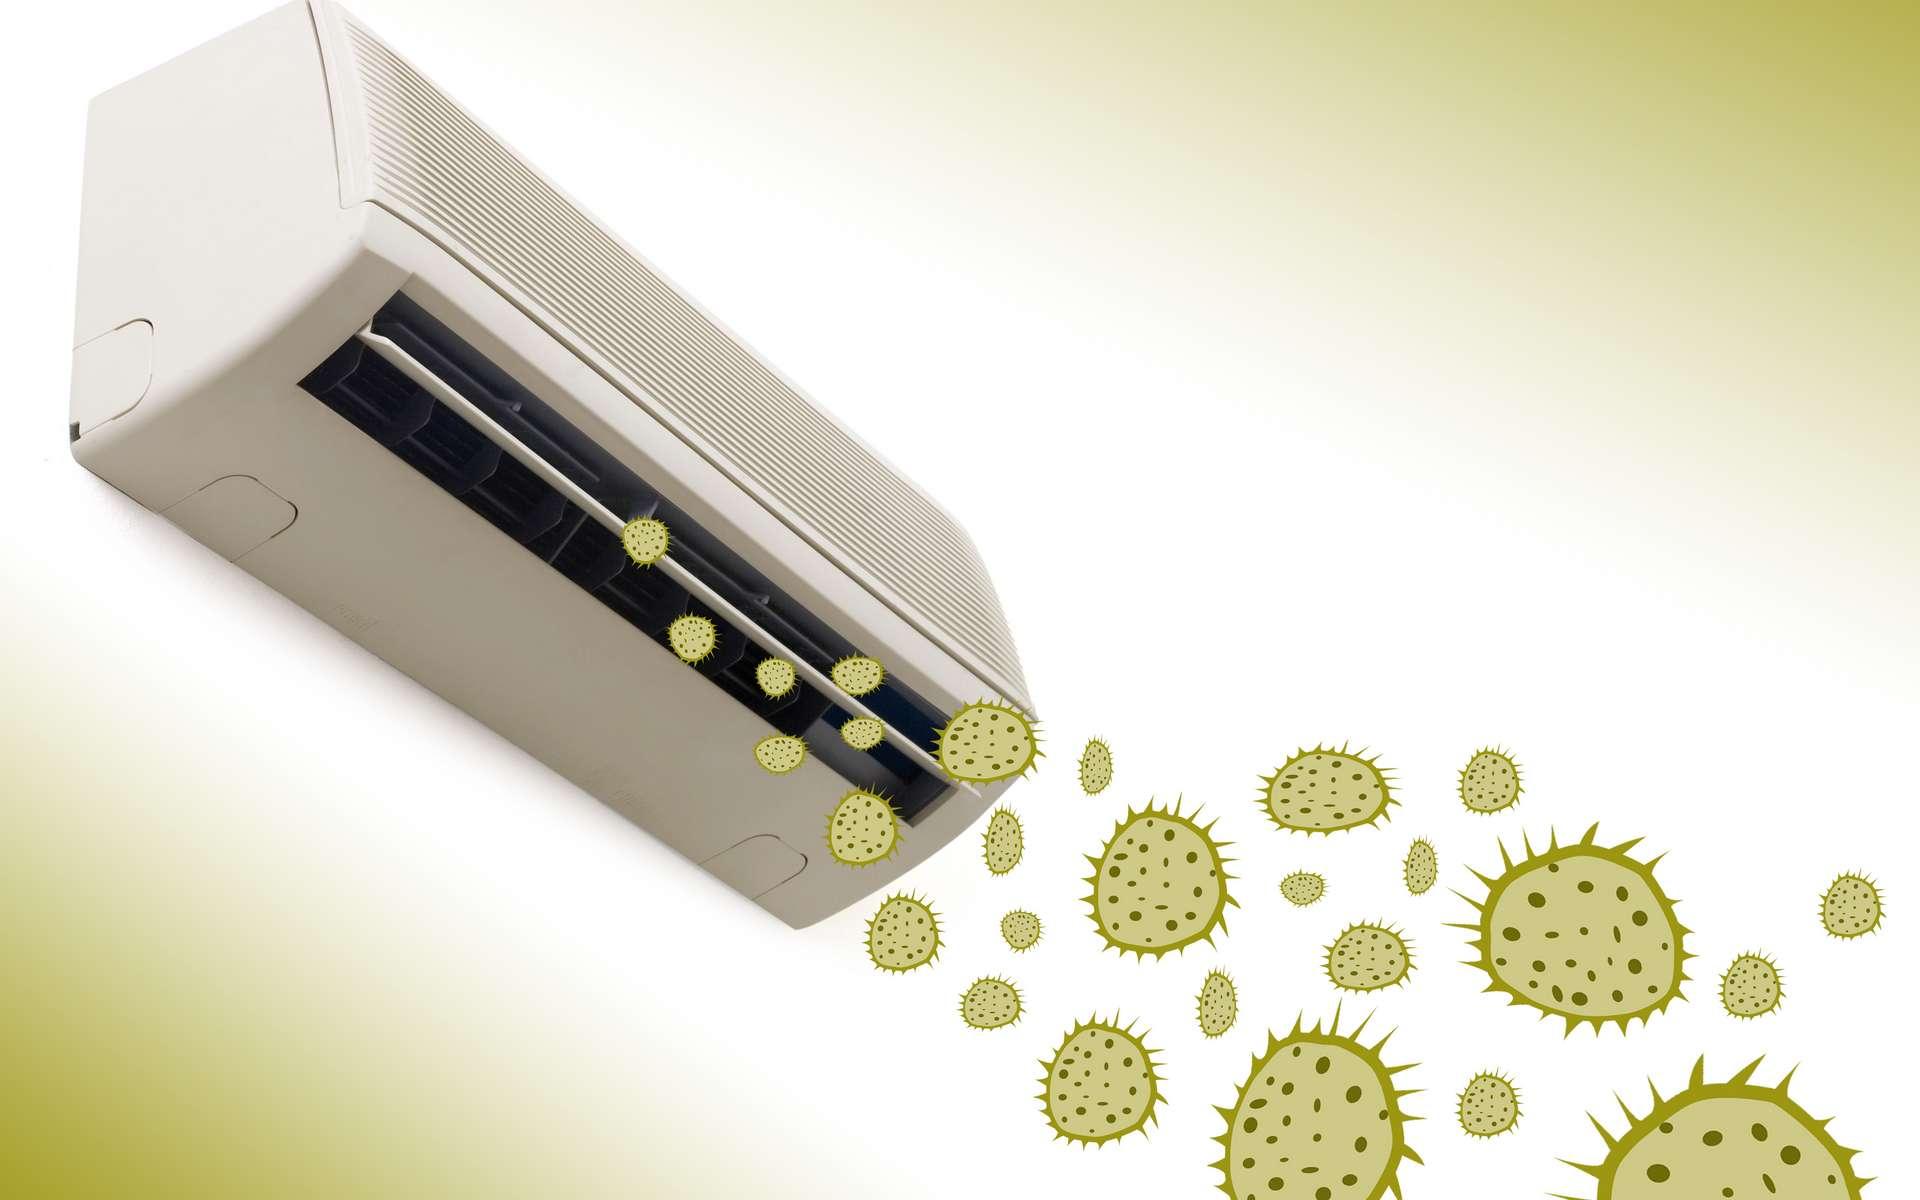 Les bactéries de la poussière peuvent s'échanger leur gène de résistance aux antibiotiques. © spinetta, Adobe Stock